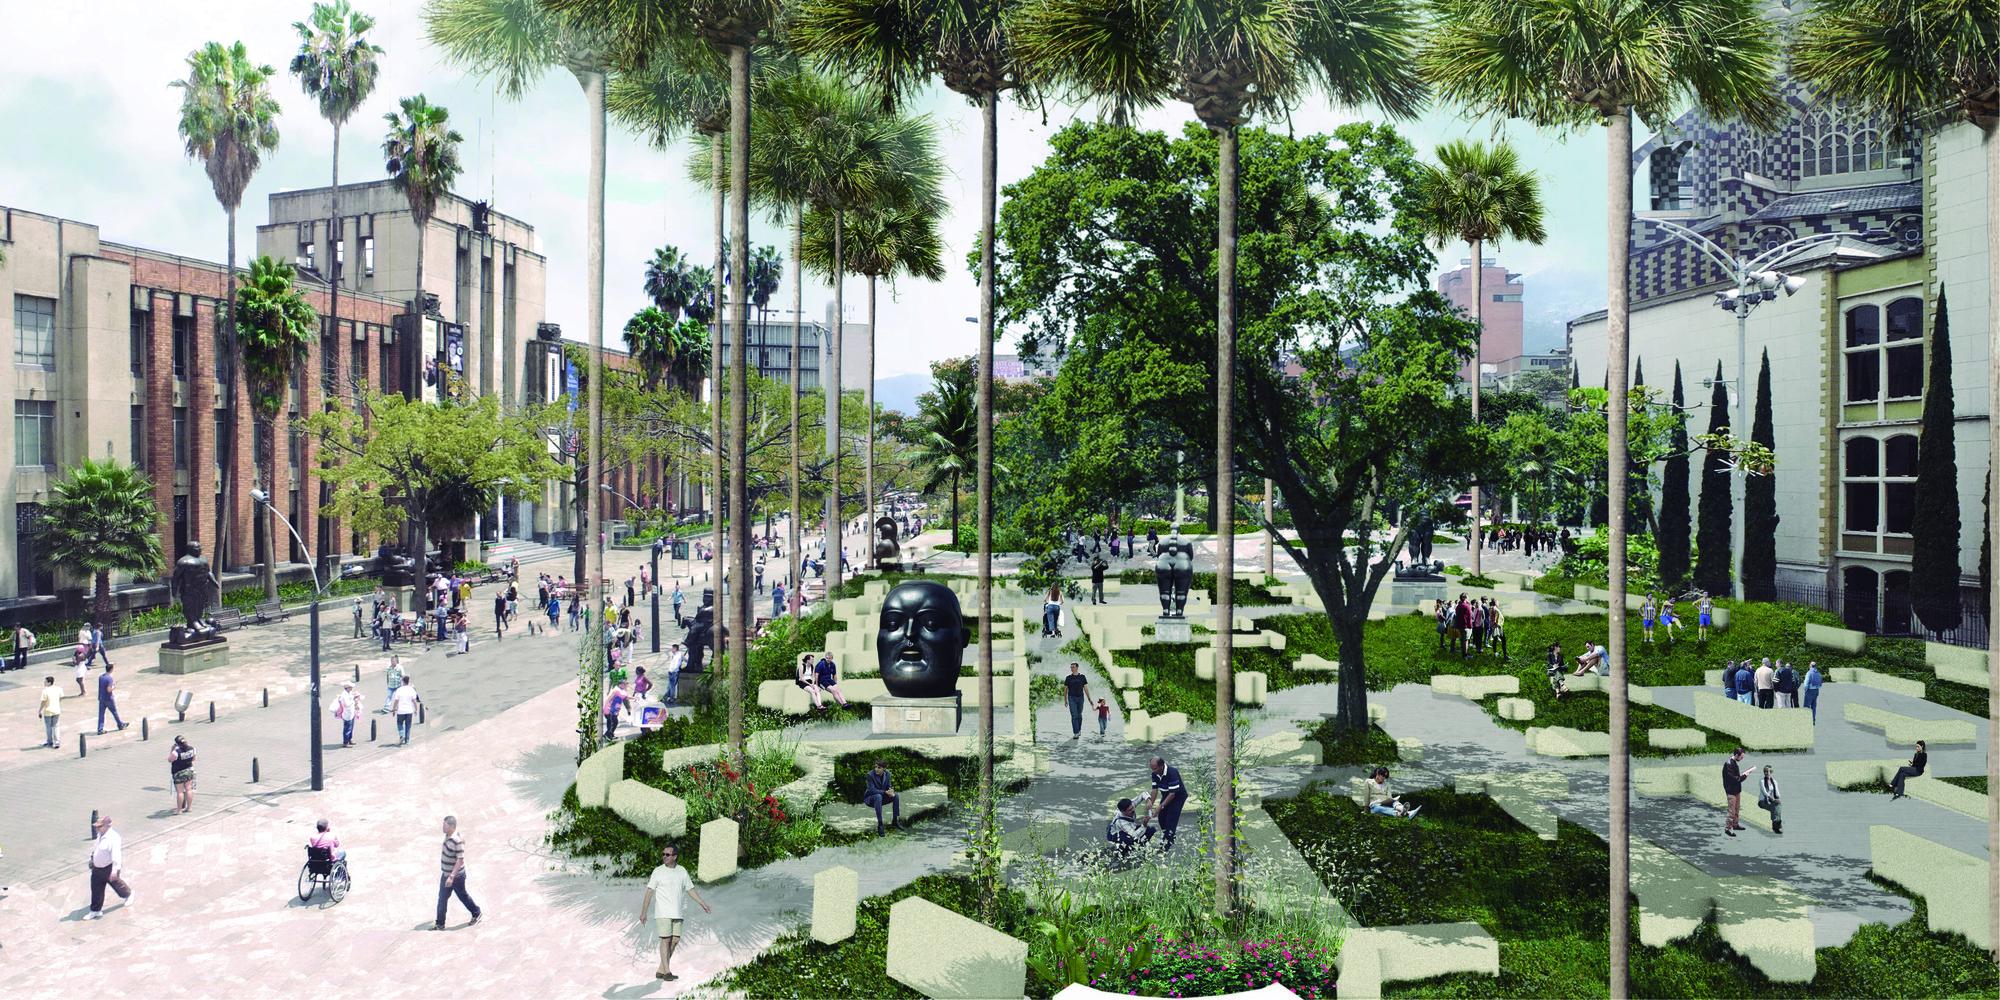 El fantasma de la Plaza de Botero. Image Courtesy of L-A-P + OPUS